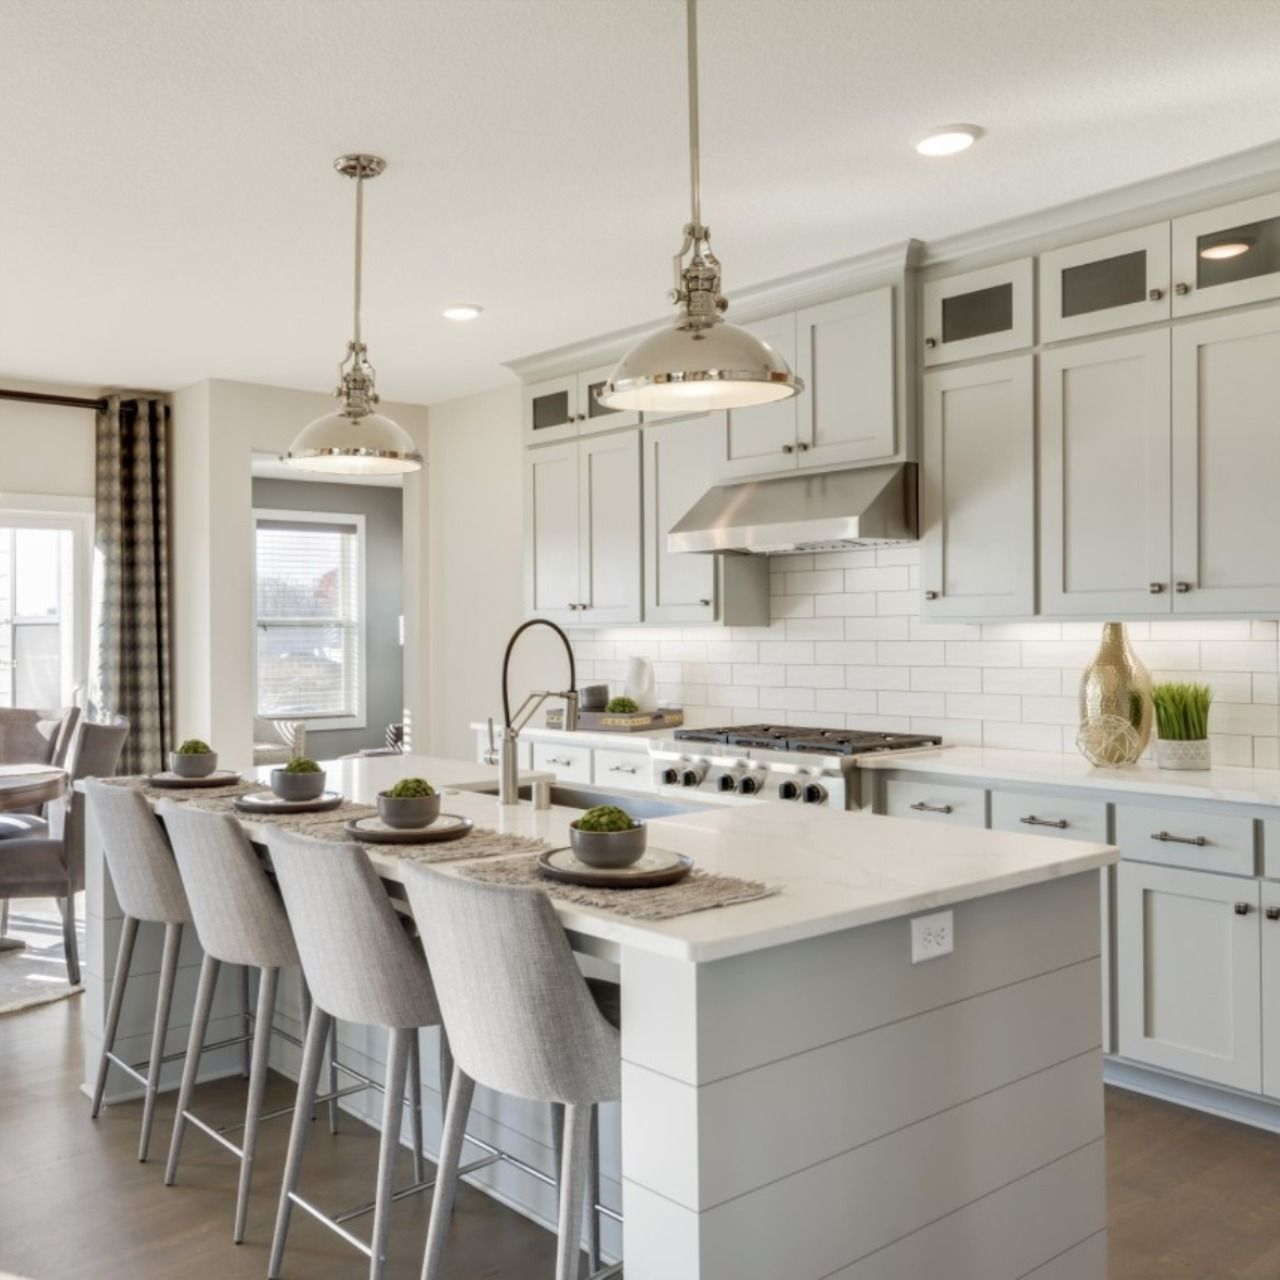 Hanson Builders Hillcrest Kitchen In 2020 Kitchen Interior Small Kitchen Cabinets Kitchen Design Small